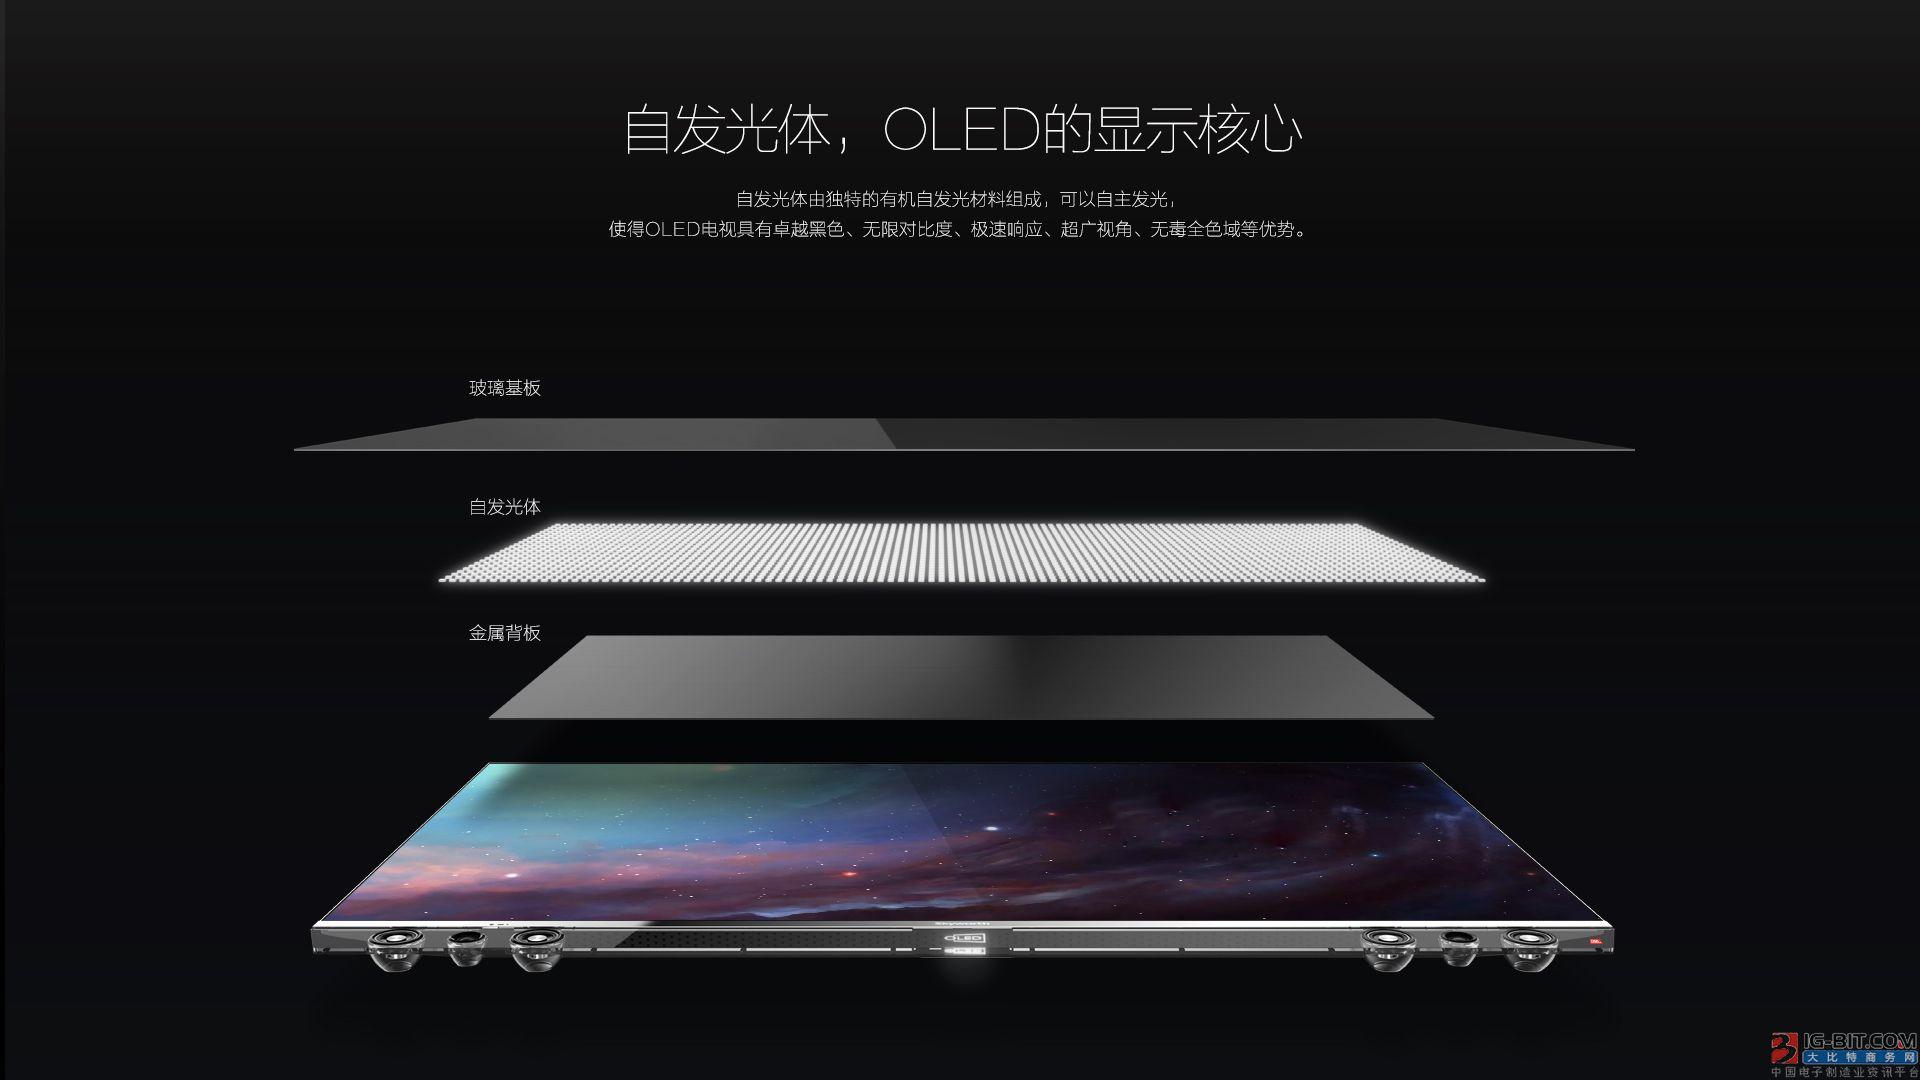 大尺寸OLED面板成本难降 普及率提升仍有阻碍